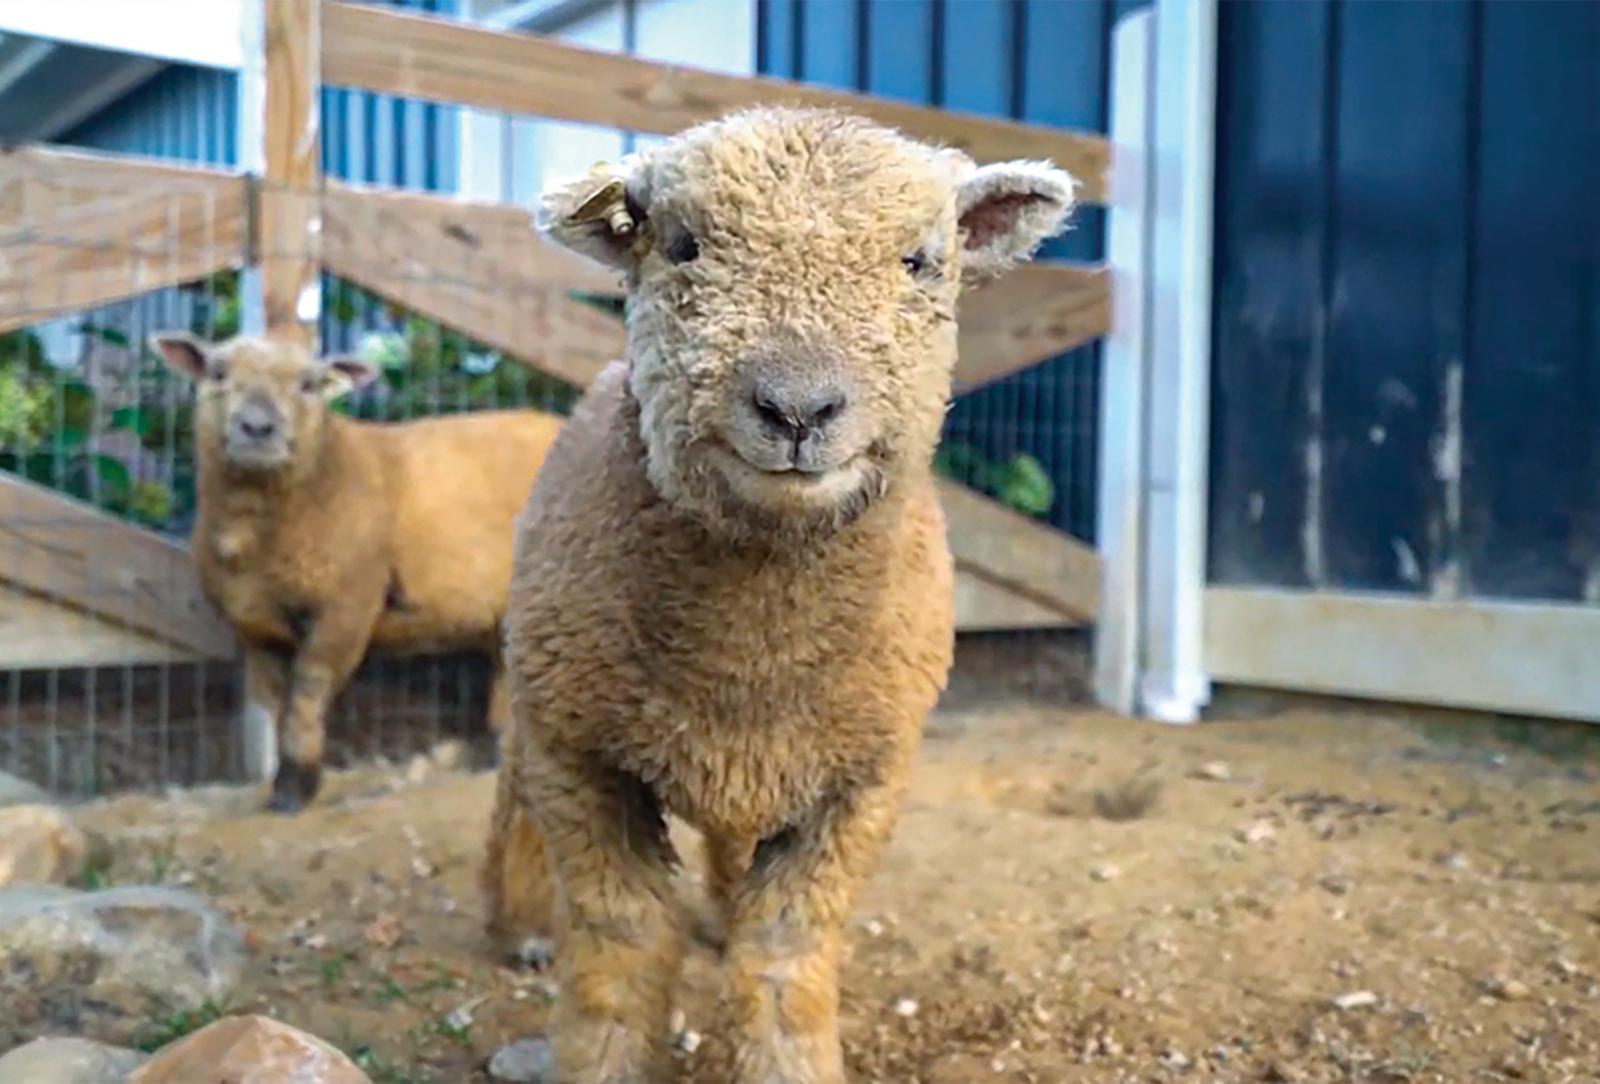 dillard ga julep farms sheep